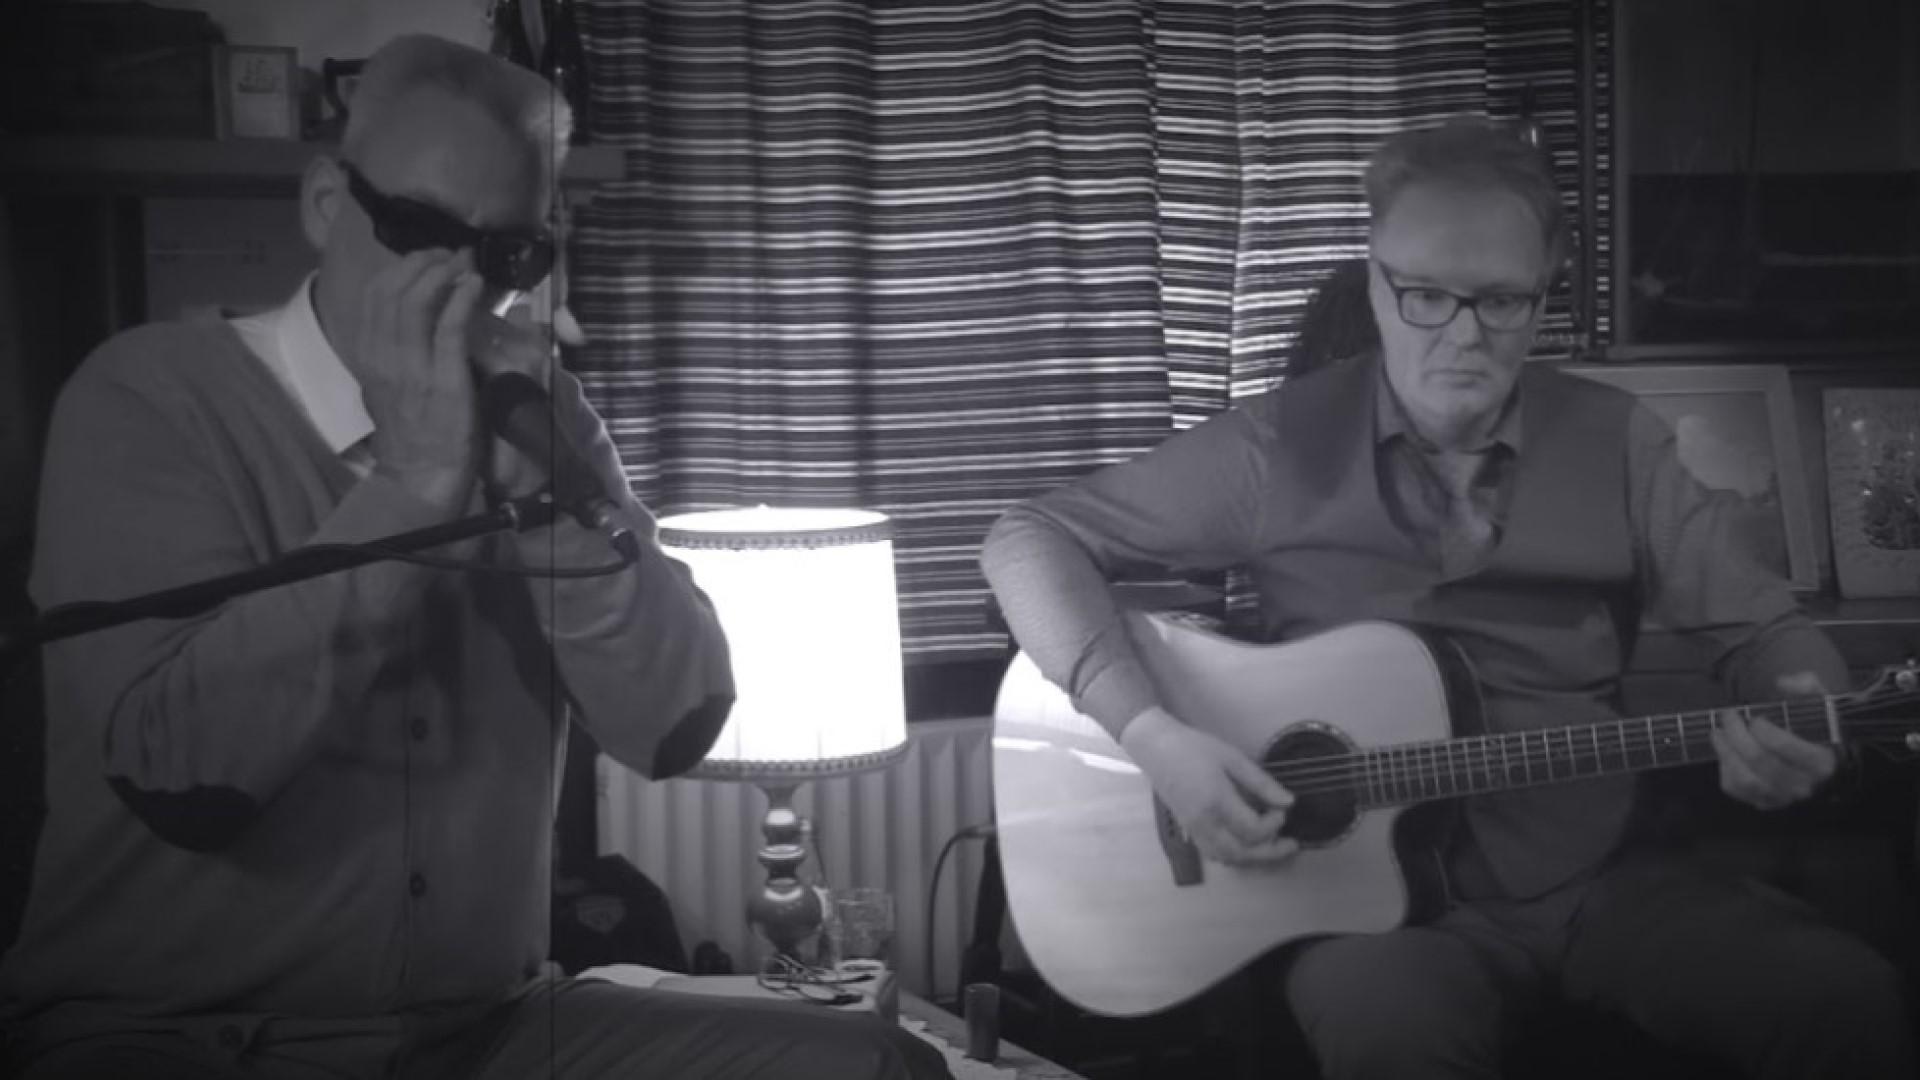 Harp Mitch, op mondharmonica's, gitaar en zangsamen metHelmut Jakobs op gitaar.